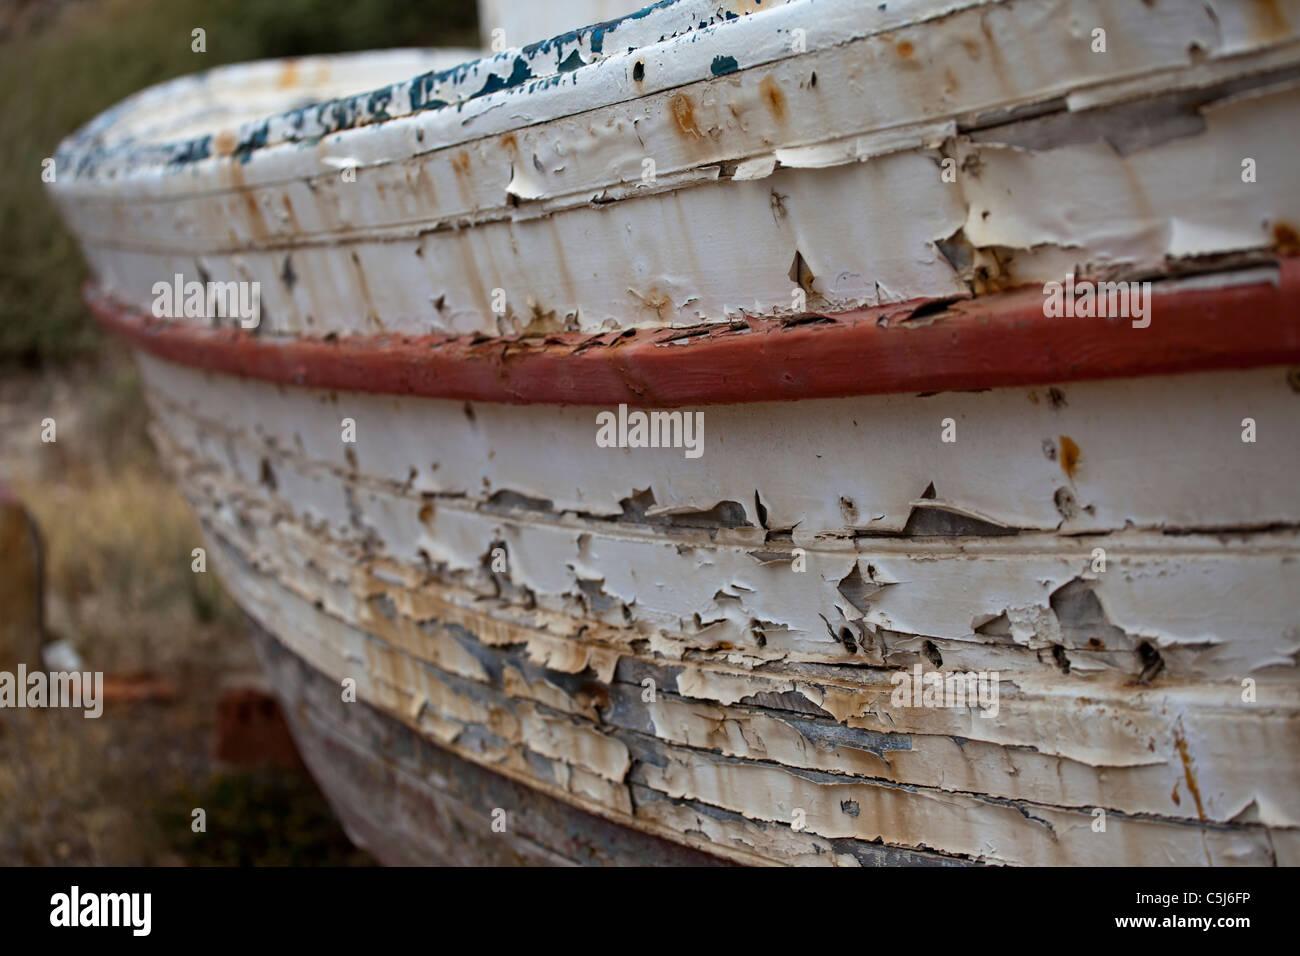 Decrepit Boat Hull Stock Photo